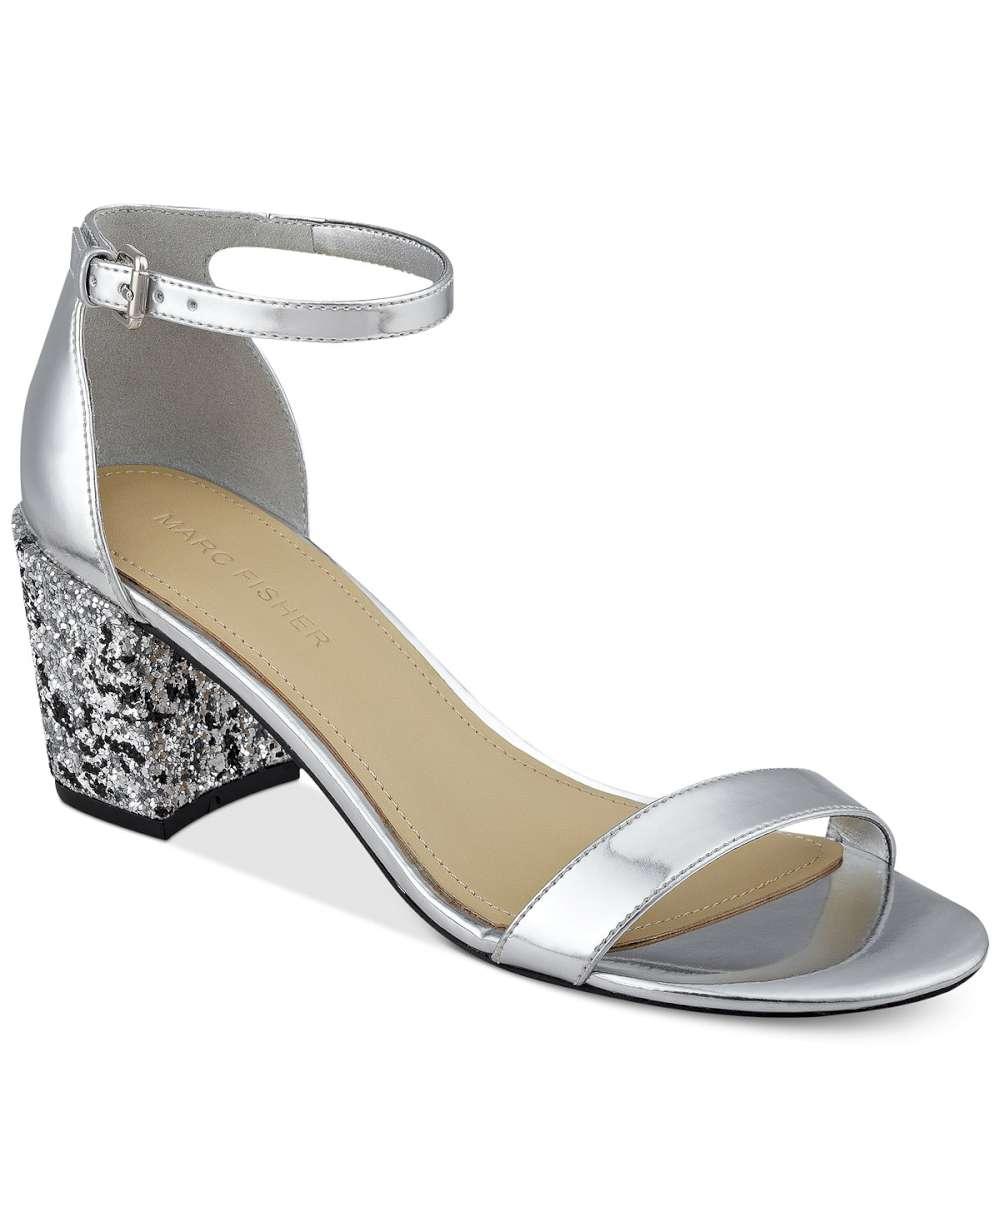 ff5a66709e9 Marc Fisher Womens Safia Open Toe Casual Ankle Strap Sandals